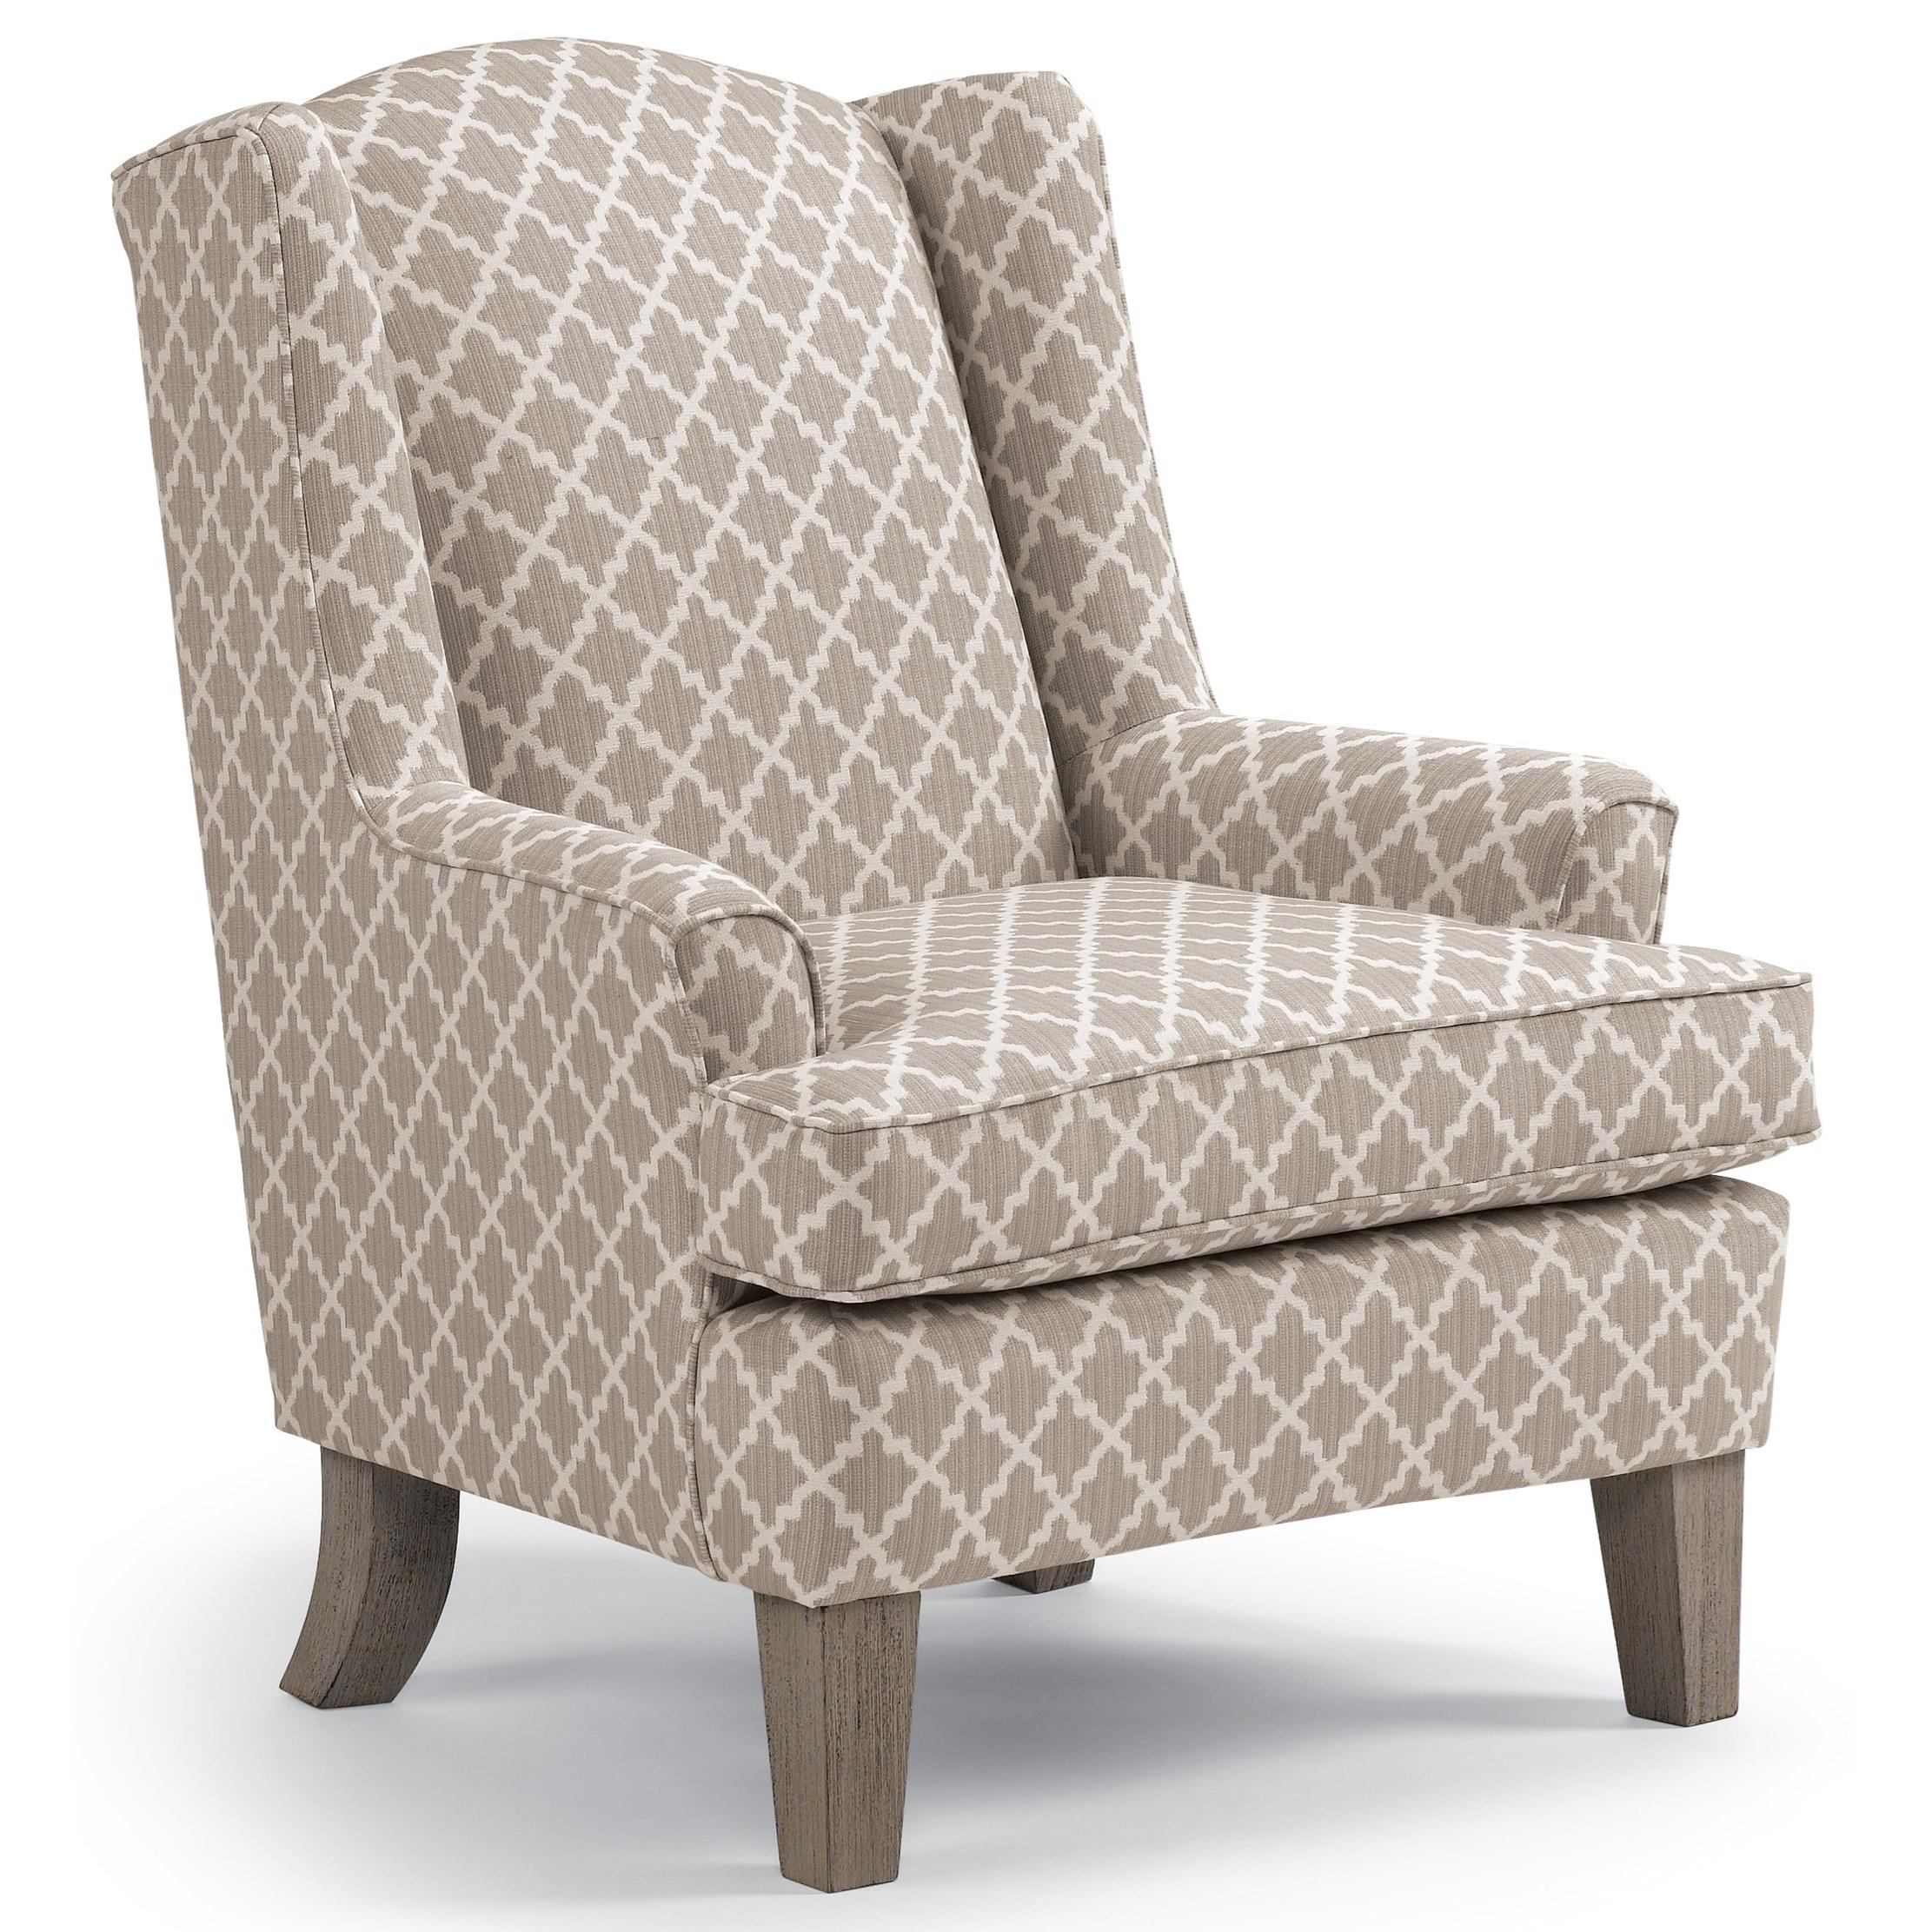 Attrayant Dunk U0026 Bright Furniture